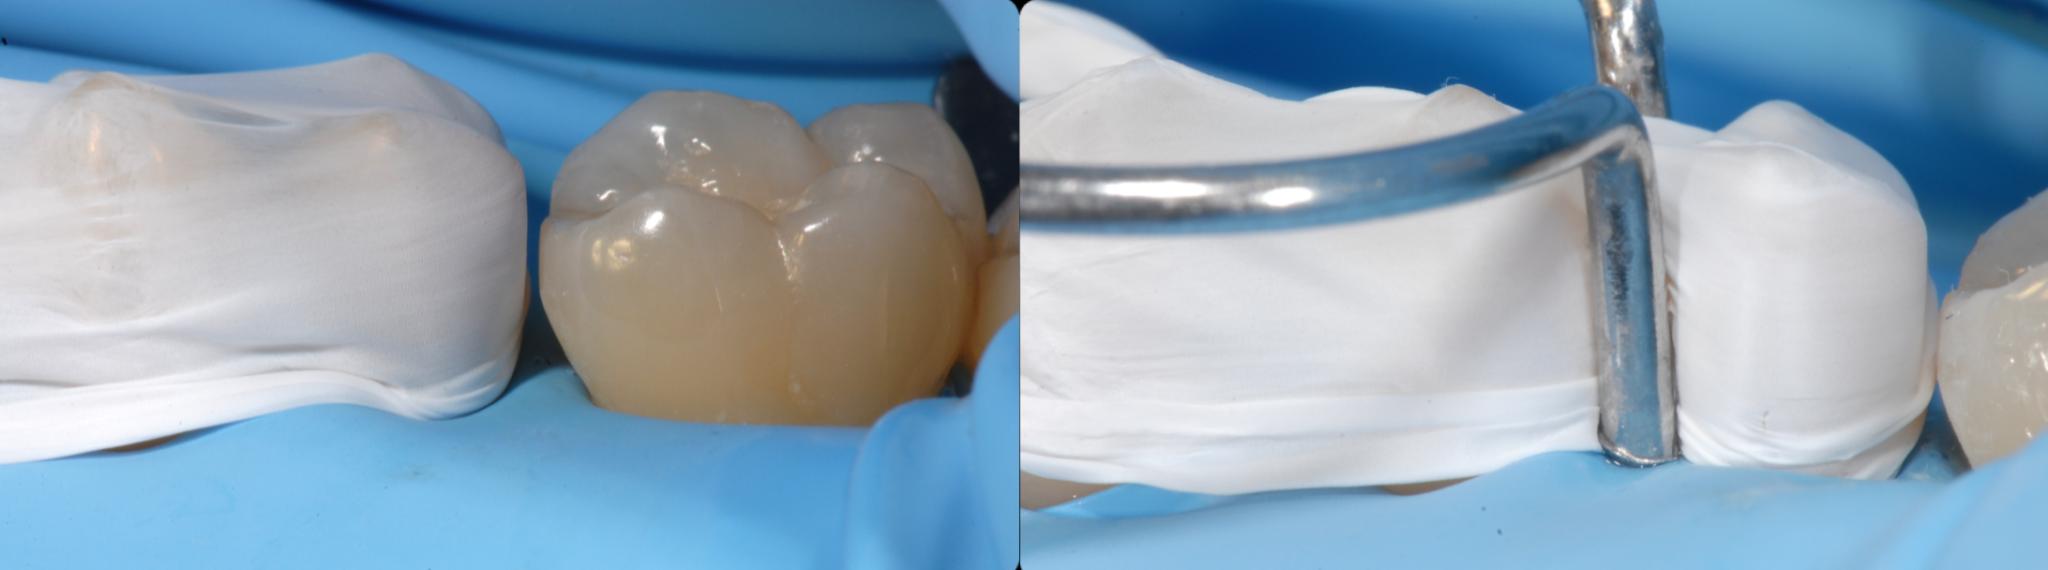 соседний зуб